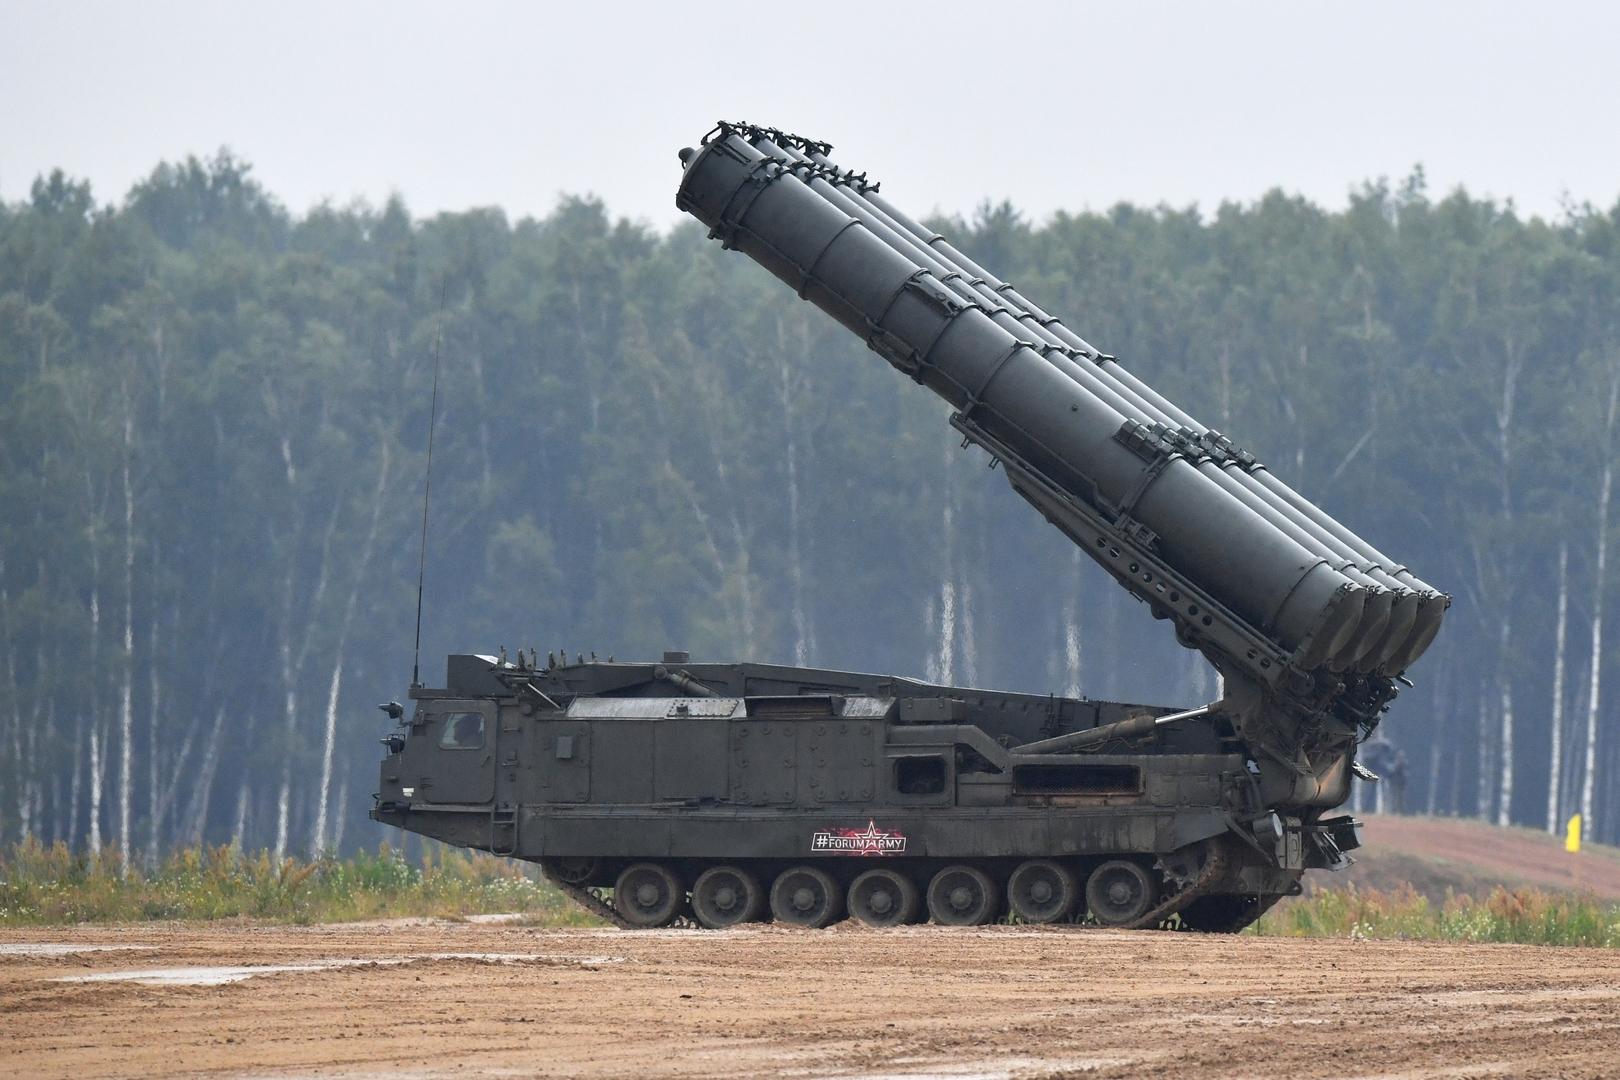 منظومة صواريخ روسية للدفاع الجوي من طراز